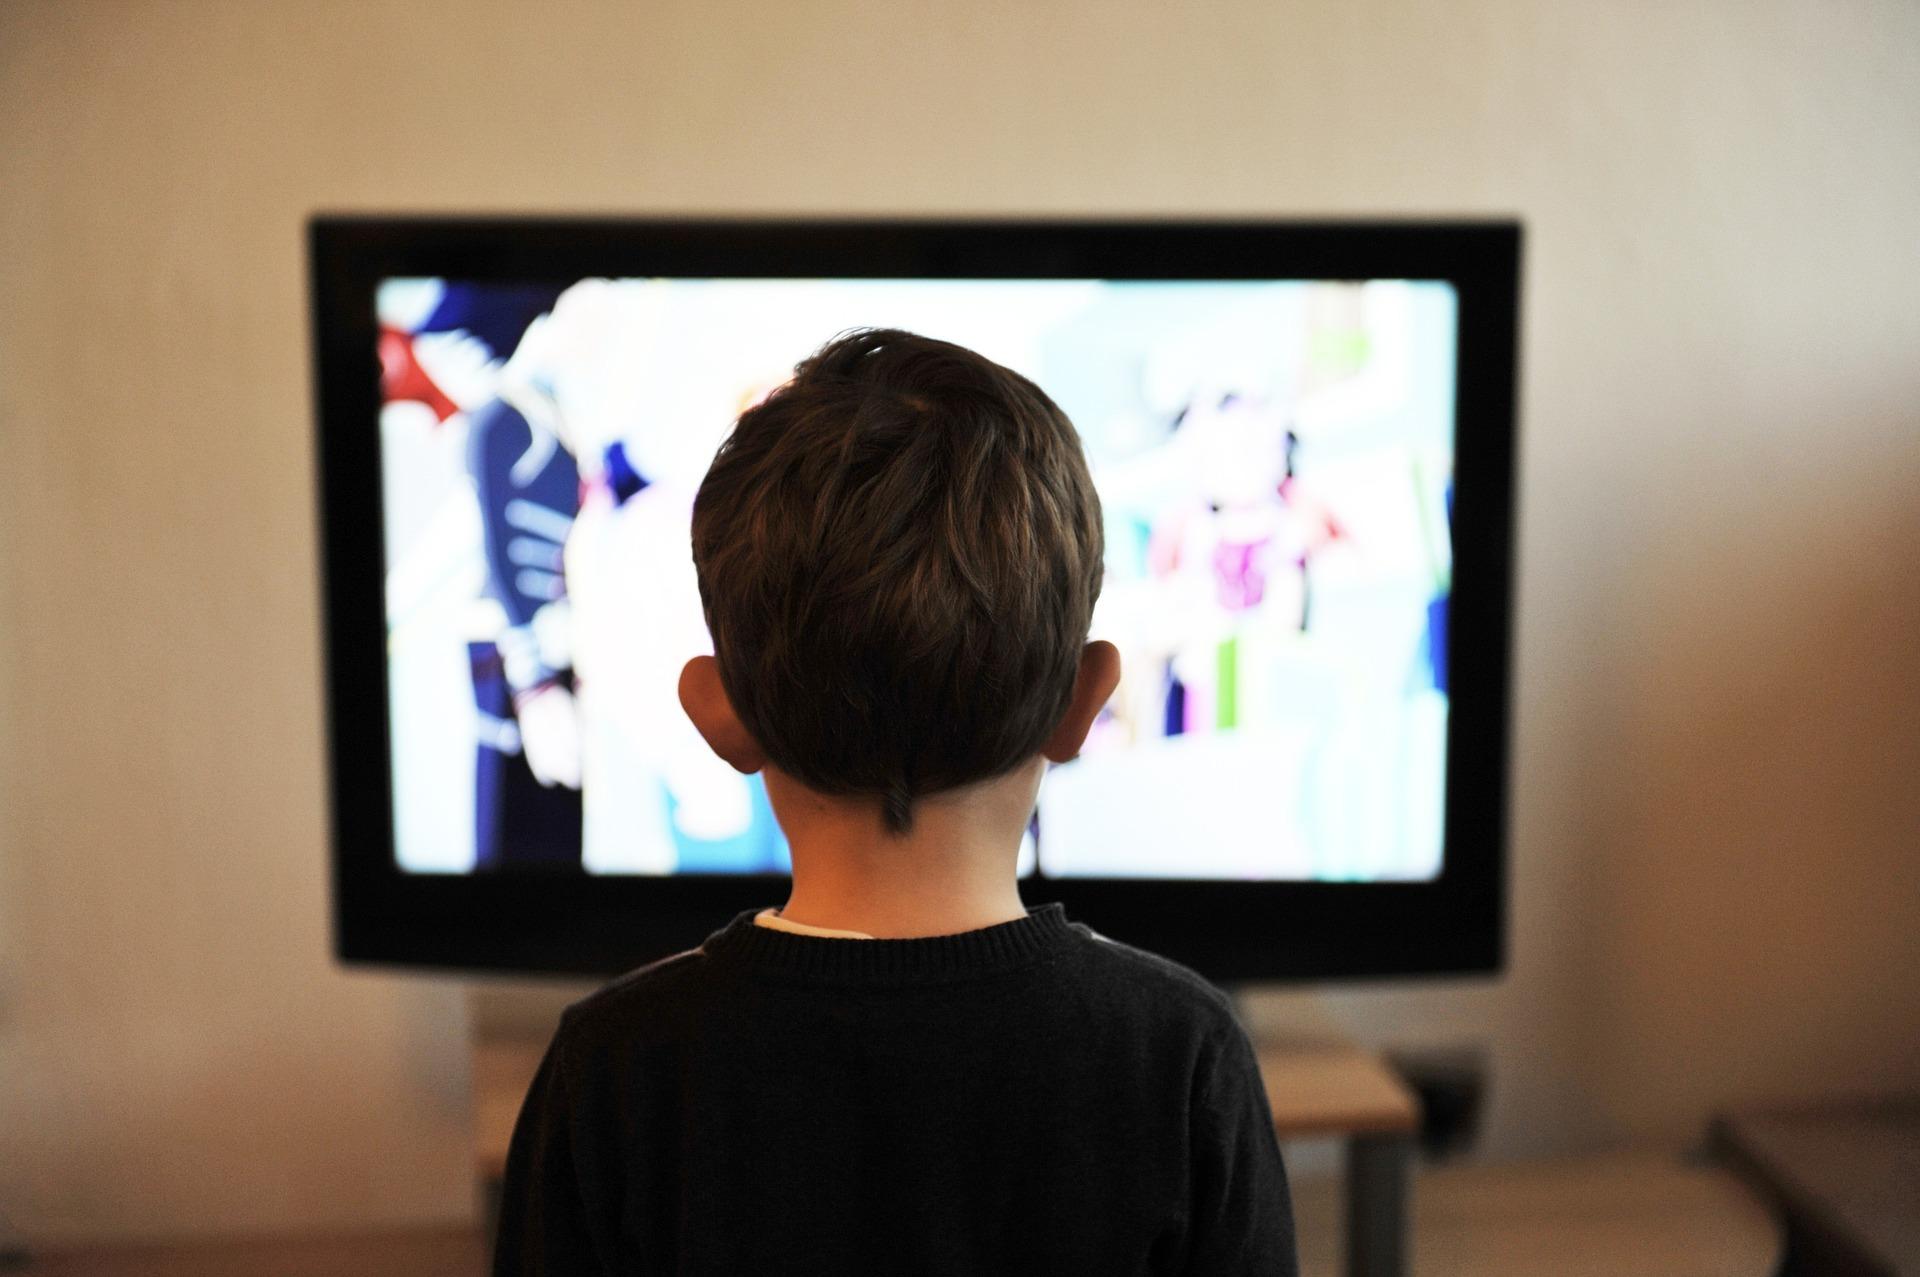 Medienkonsum reduzieren auf mond-blog.de